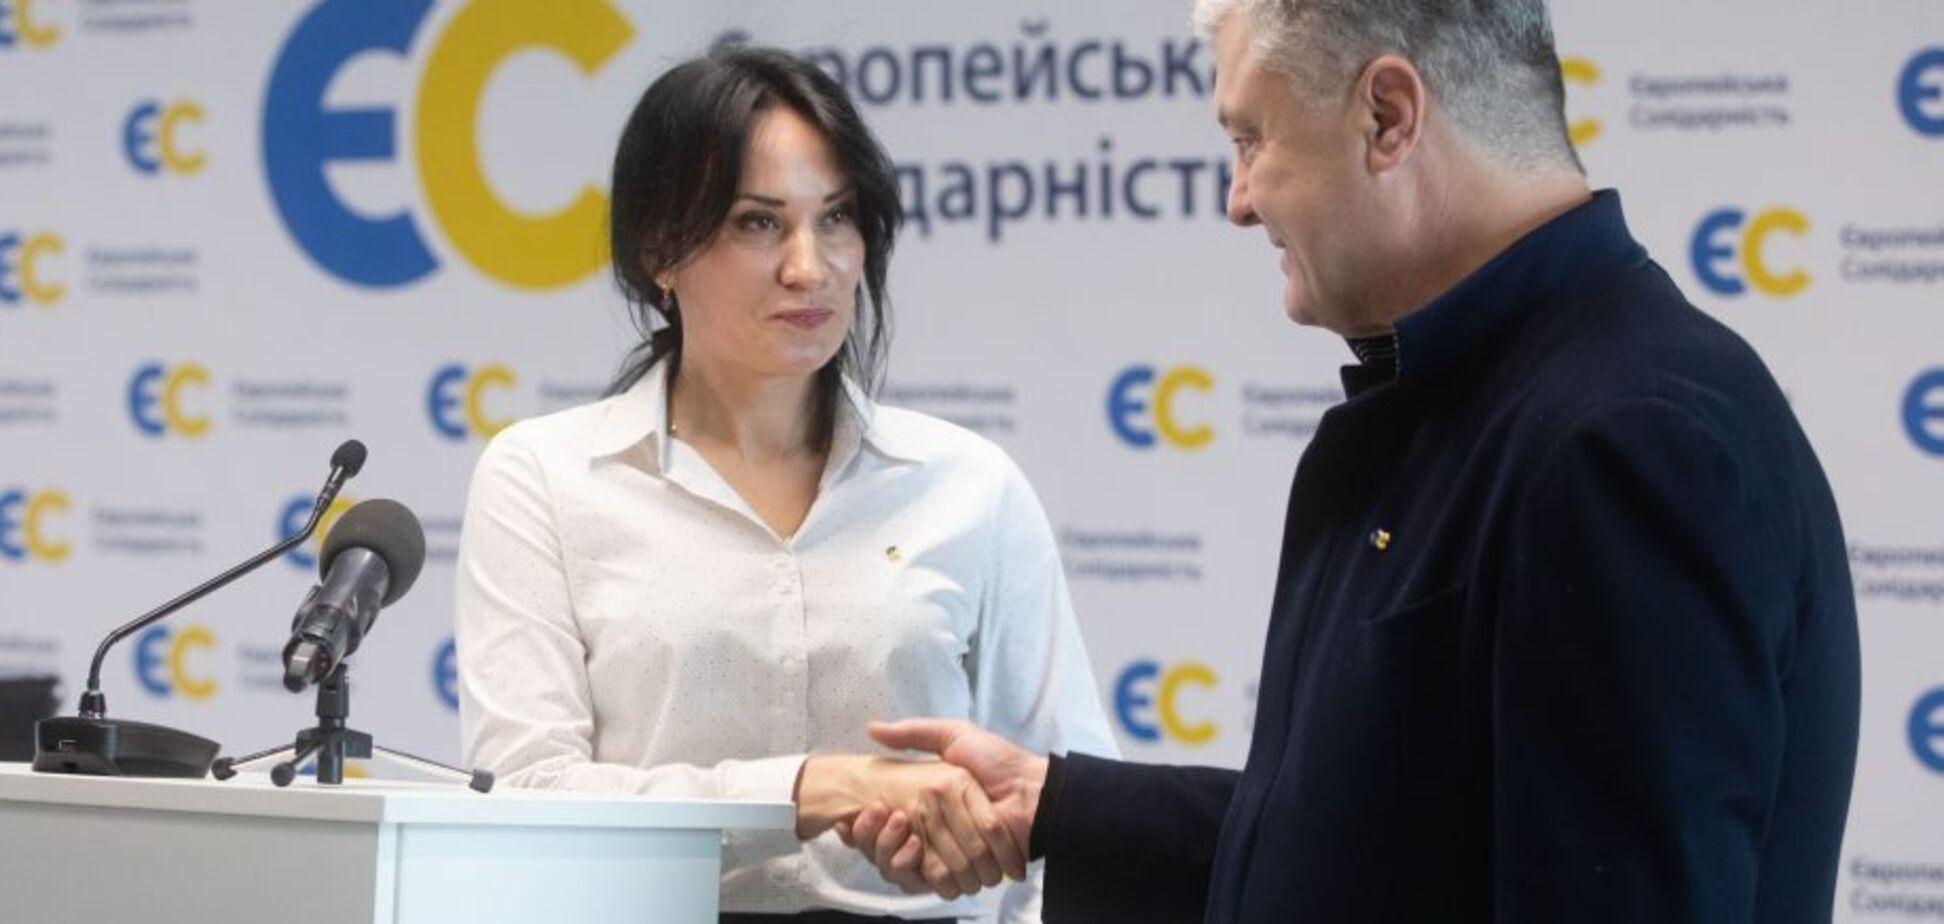 Марусю Звіробій висунули кандидатом на виборах народного депутата в Івано-Франківську